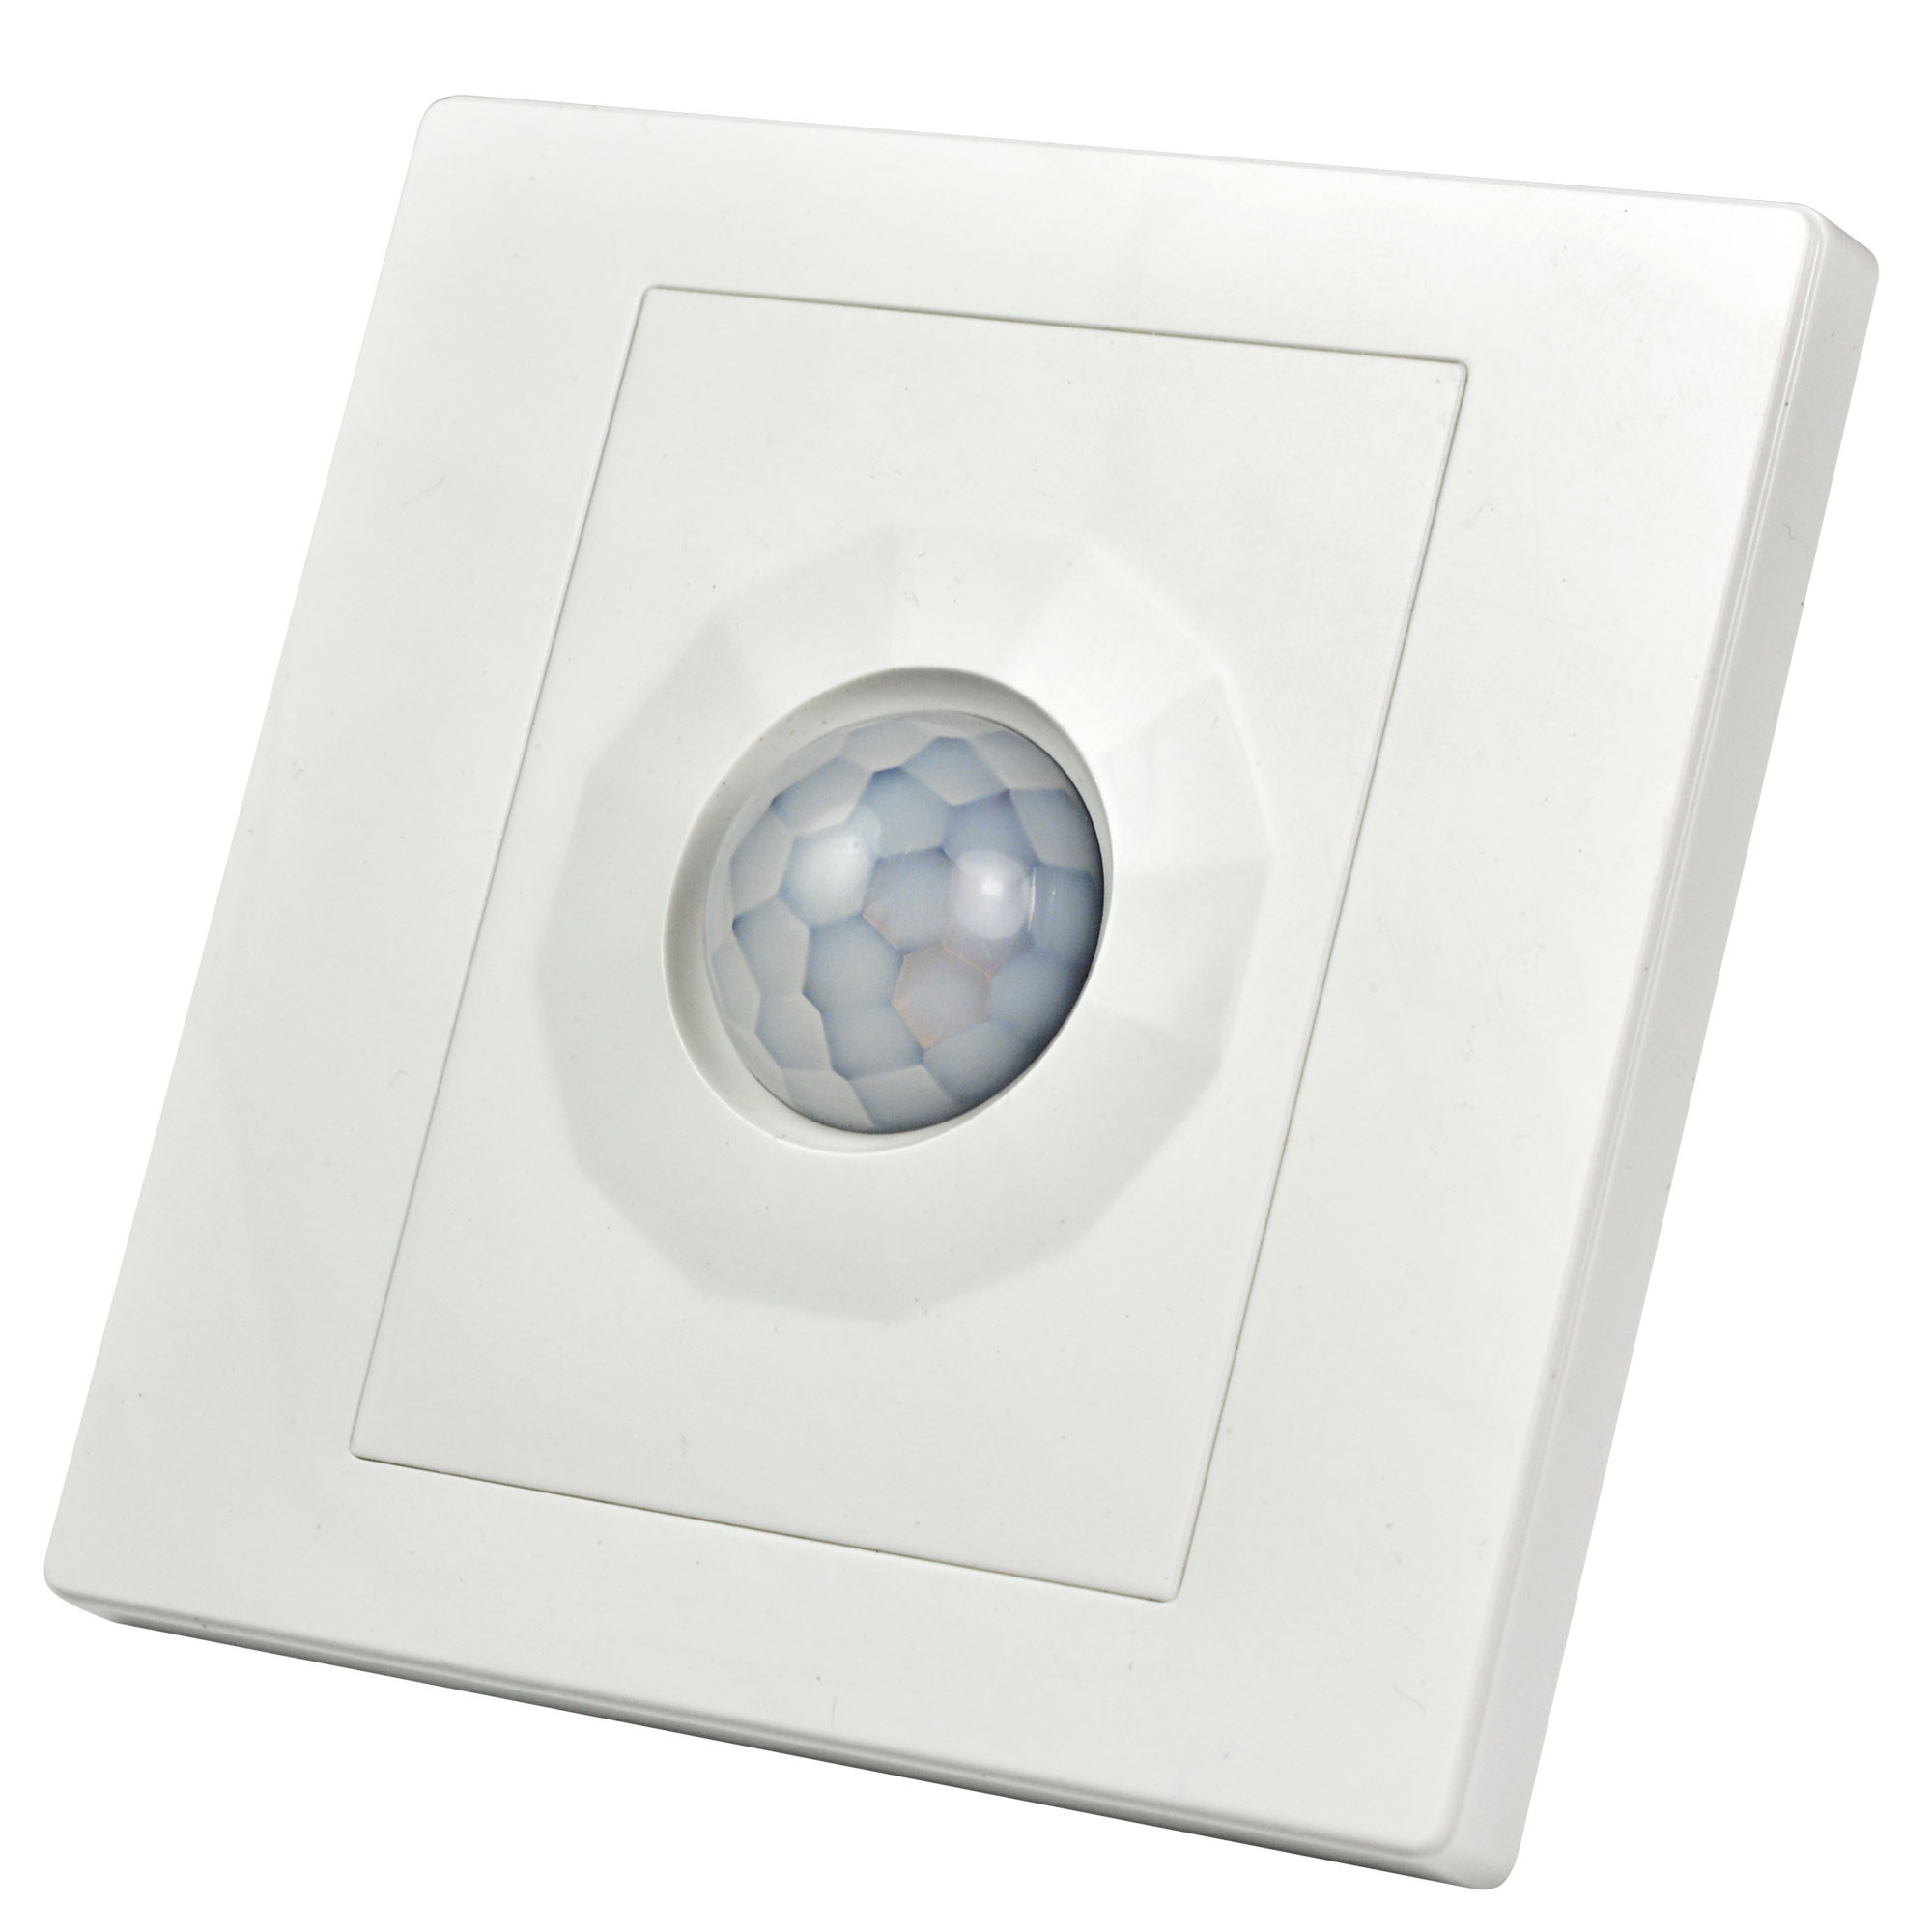 MENGS® R-181 PIR Infrared Motion Sensor Light Switch for LED & Low Energy Saving Bulbs